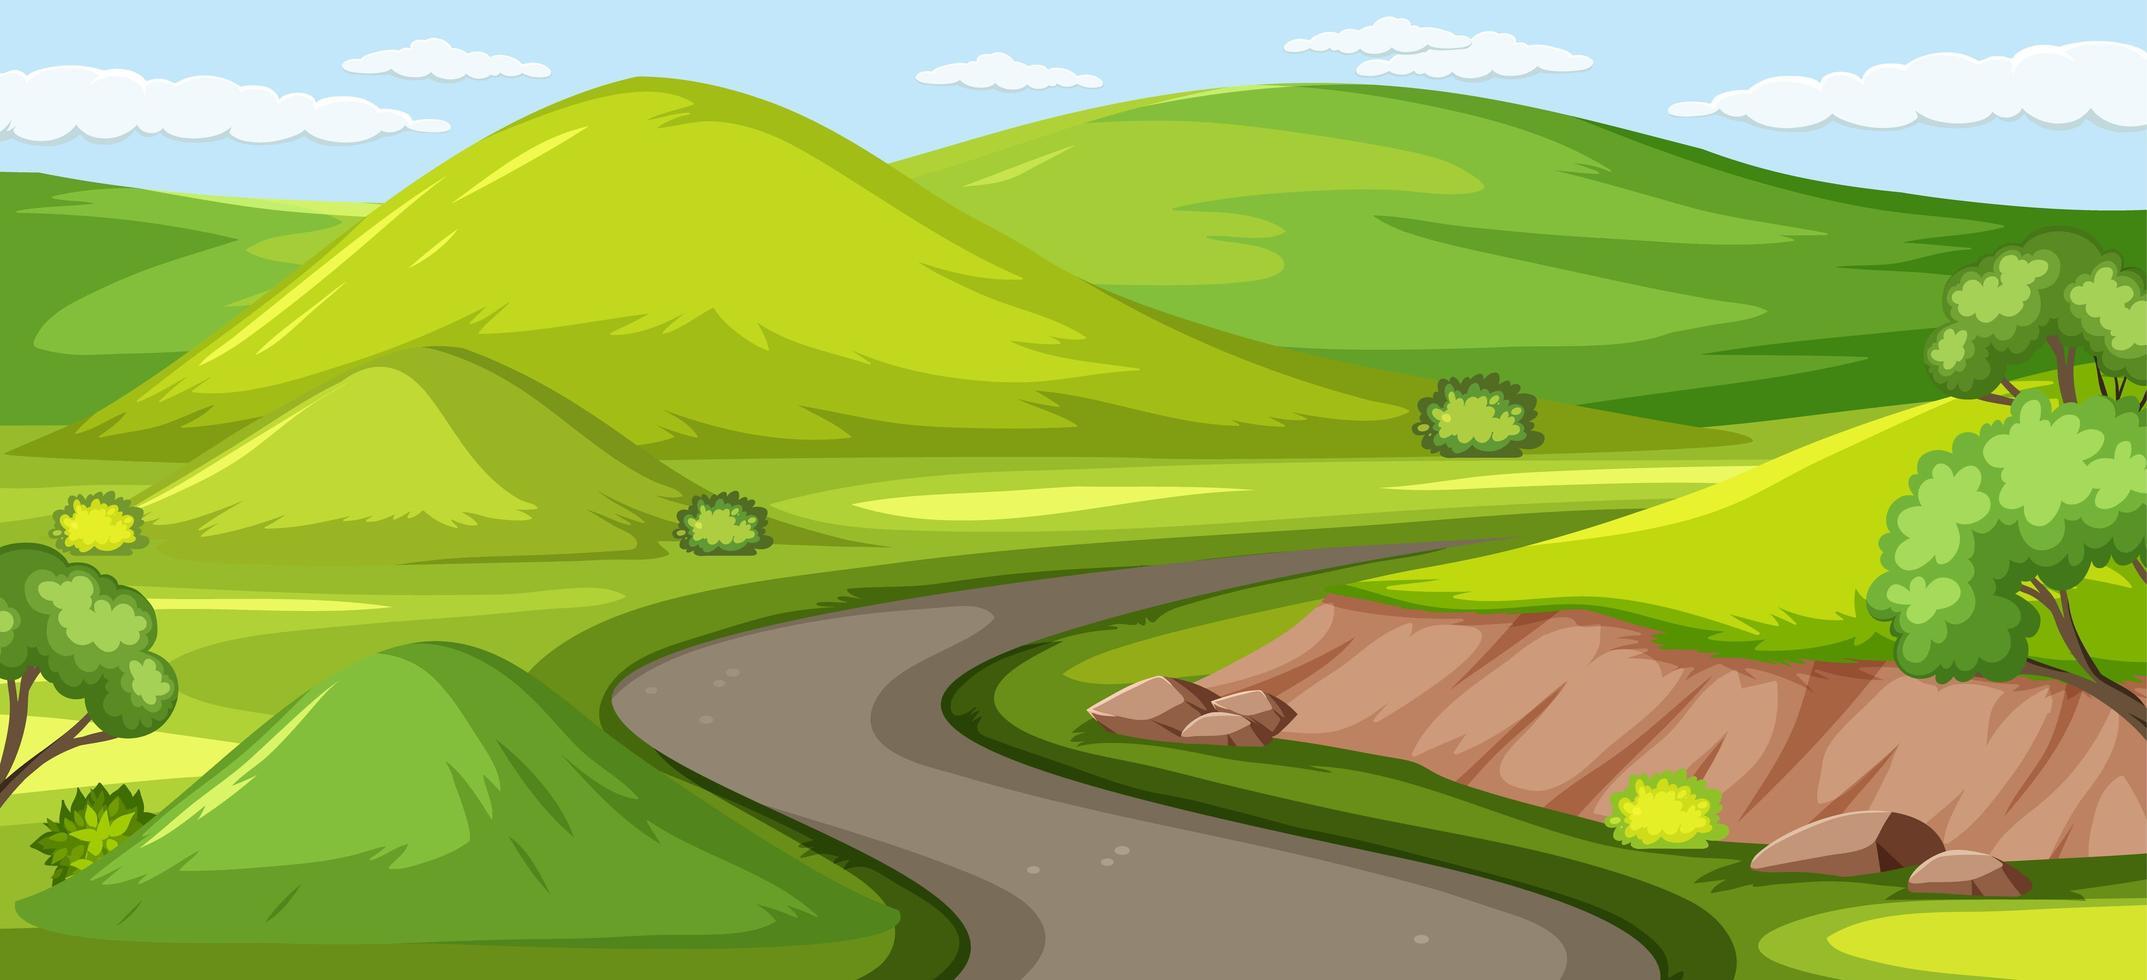 grüner Naturhintergrund im Freien vektor